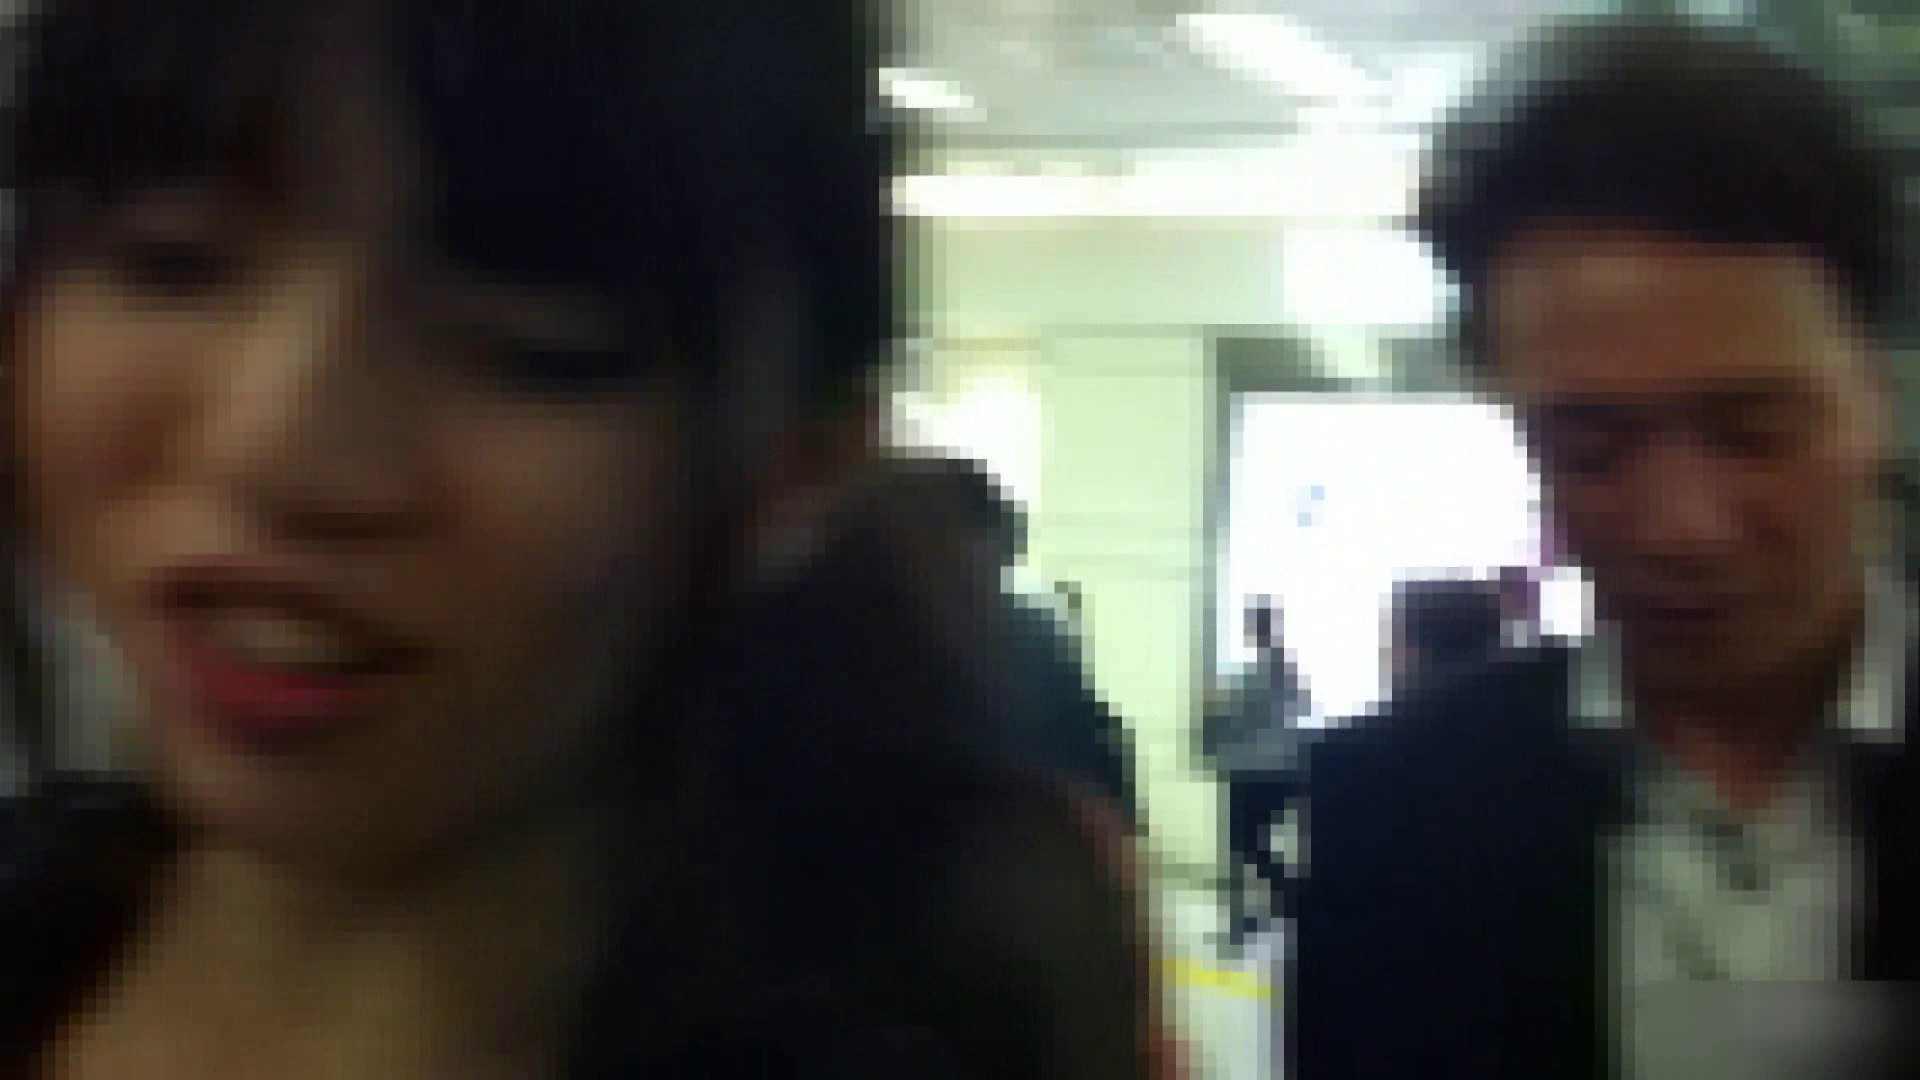 ガールズパンチラストリートビューVol.025 新入生パンチラ 隠し撮りオマンコ動画紹介 74pic 7